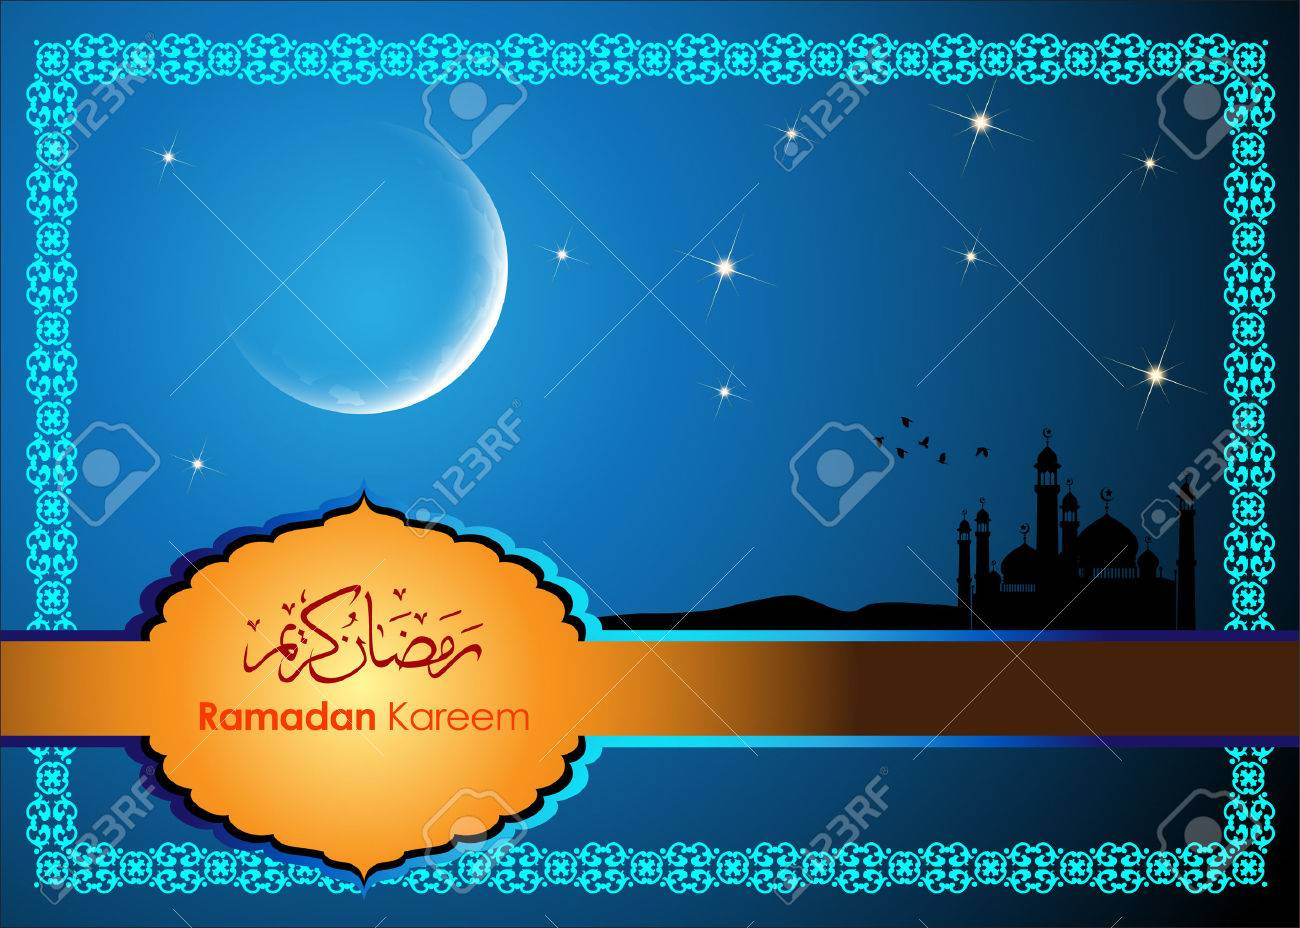 Ramadan Greetings In Arabic Script An Islamic Greeting Card